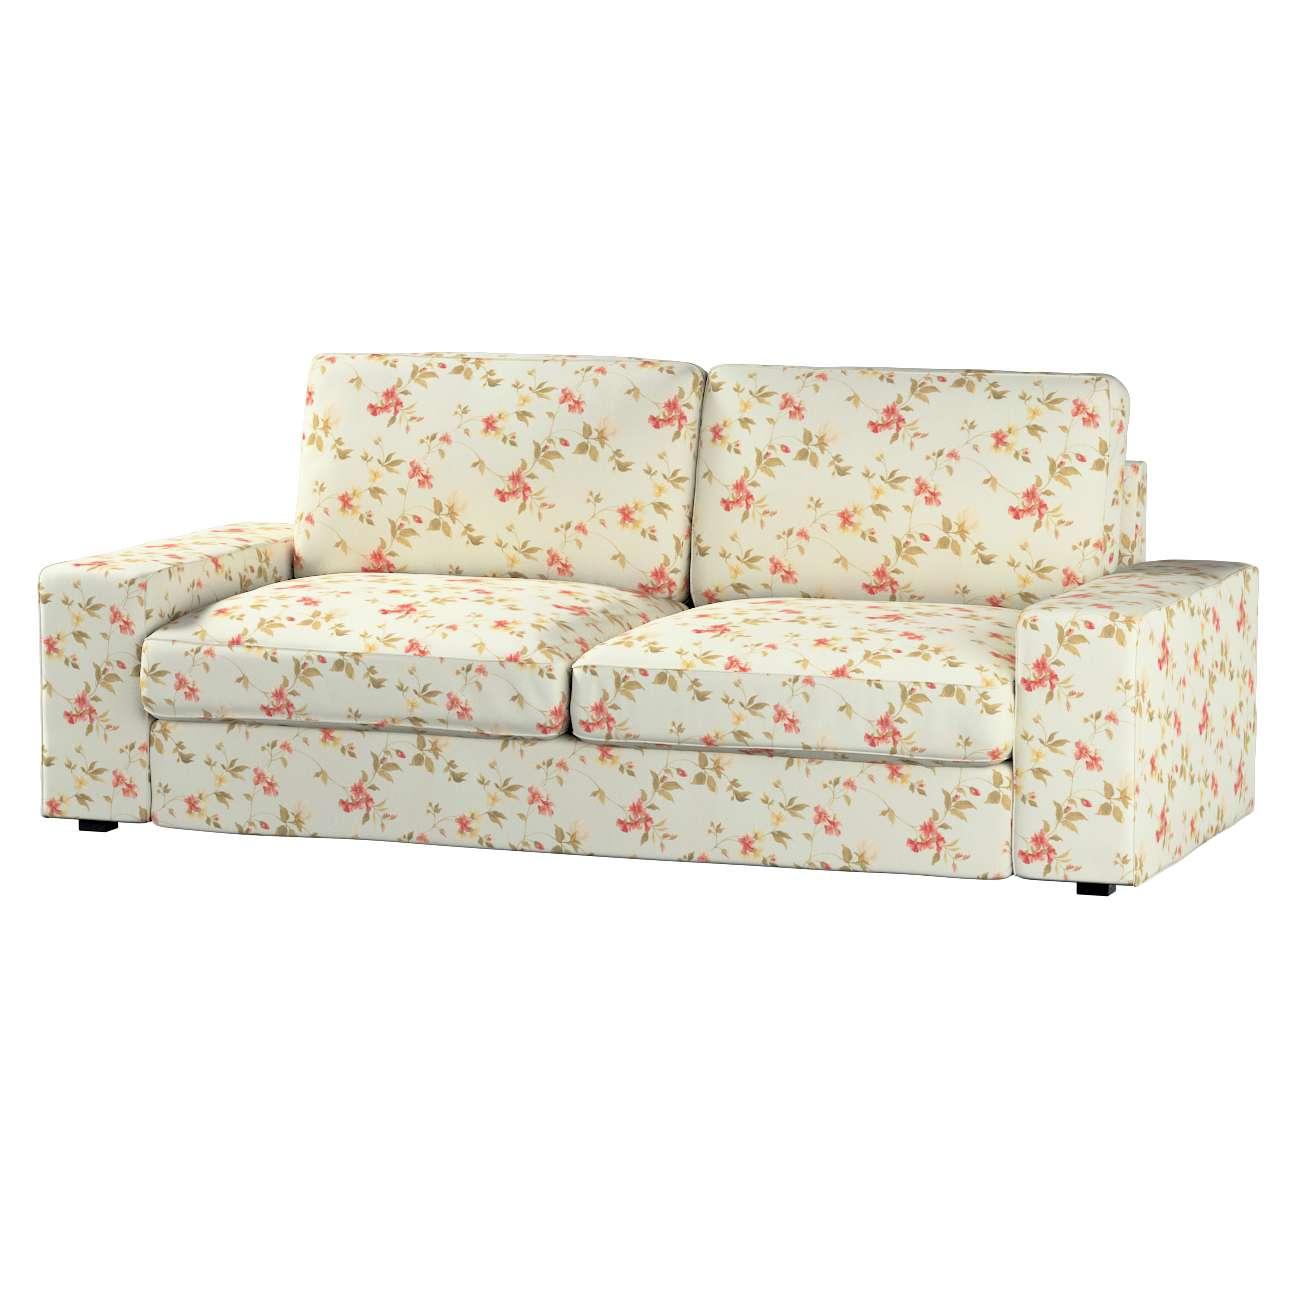 Pokrowiec na sofę Kivik 3-osobową, rozkładaną Sofa Kivik 3-osobowa rozkładana w kolekcji Londres, tkanina: 124-65